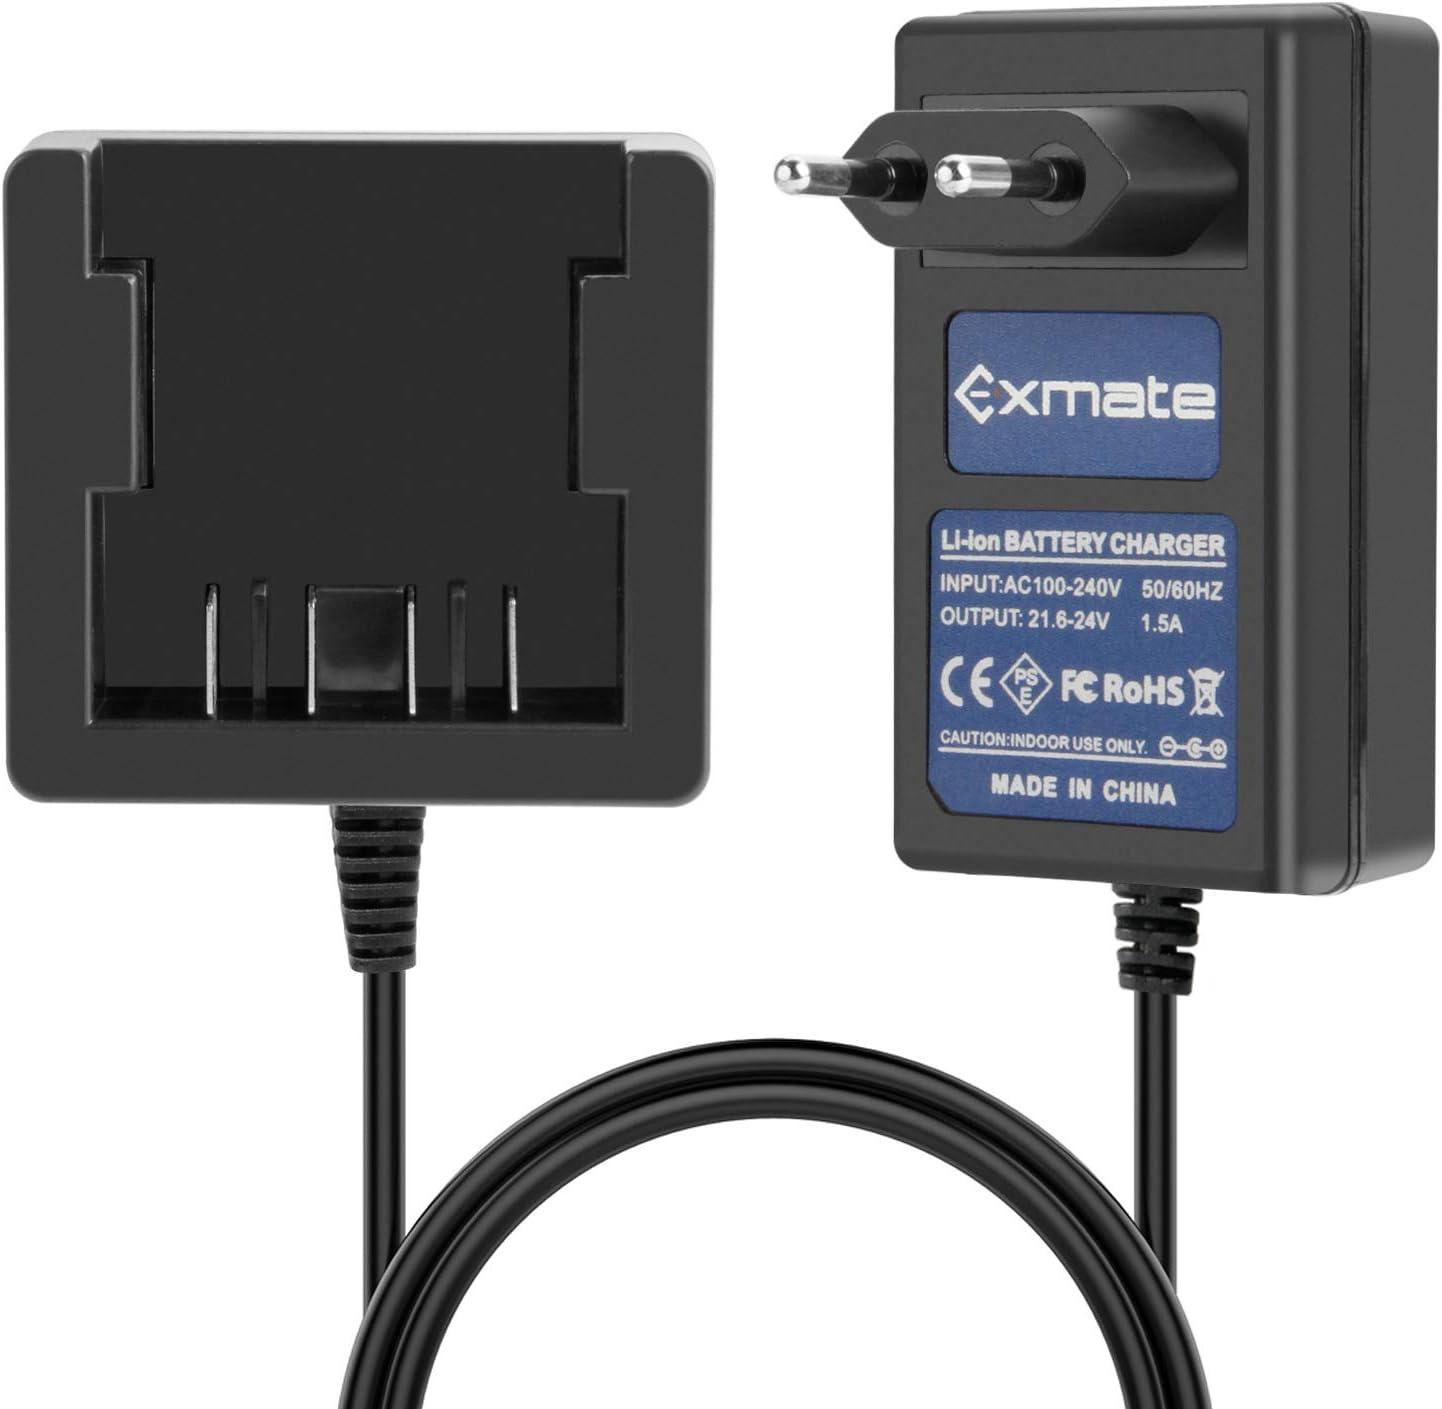 Exmate 21.6-24V Cargador para GreenWorks 29842 29852 29322 Batería de Litio Greenworks G-24 de 24V (No para Baterías NI-MH / NI-Cd)